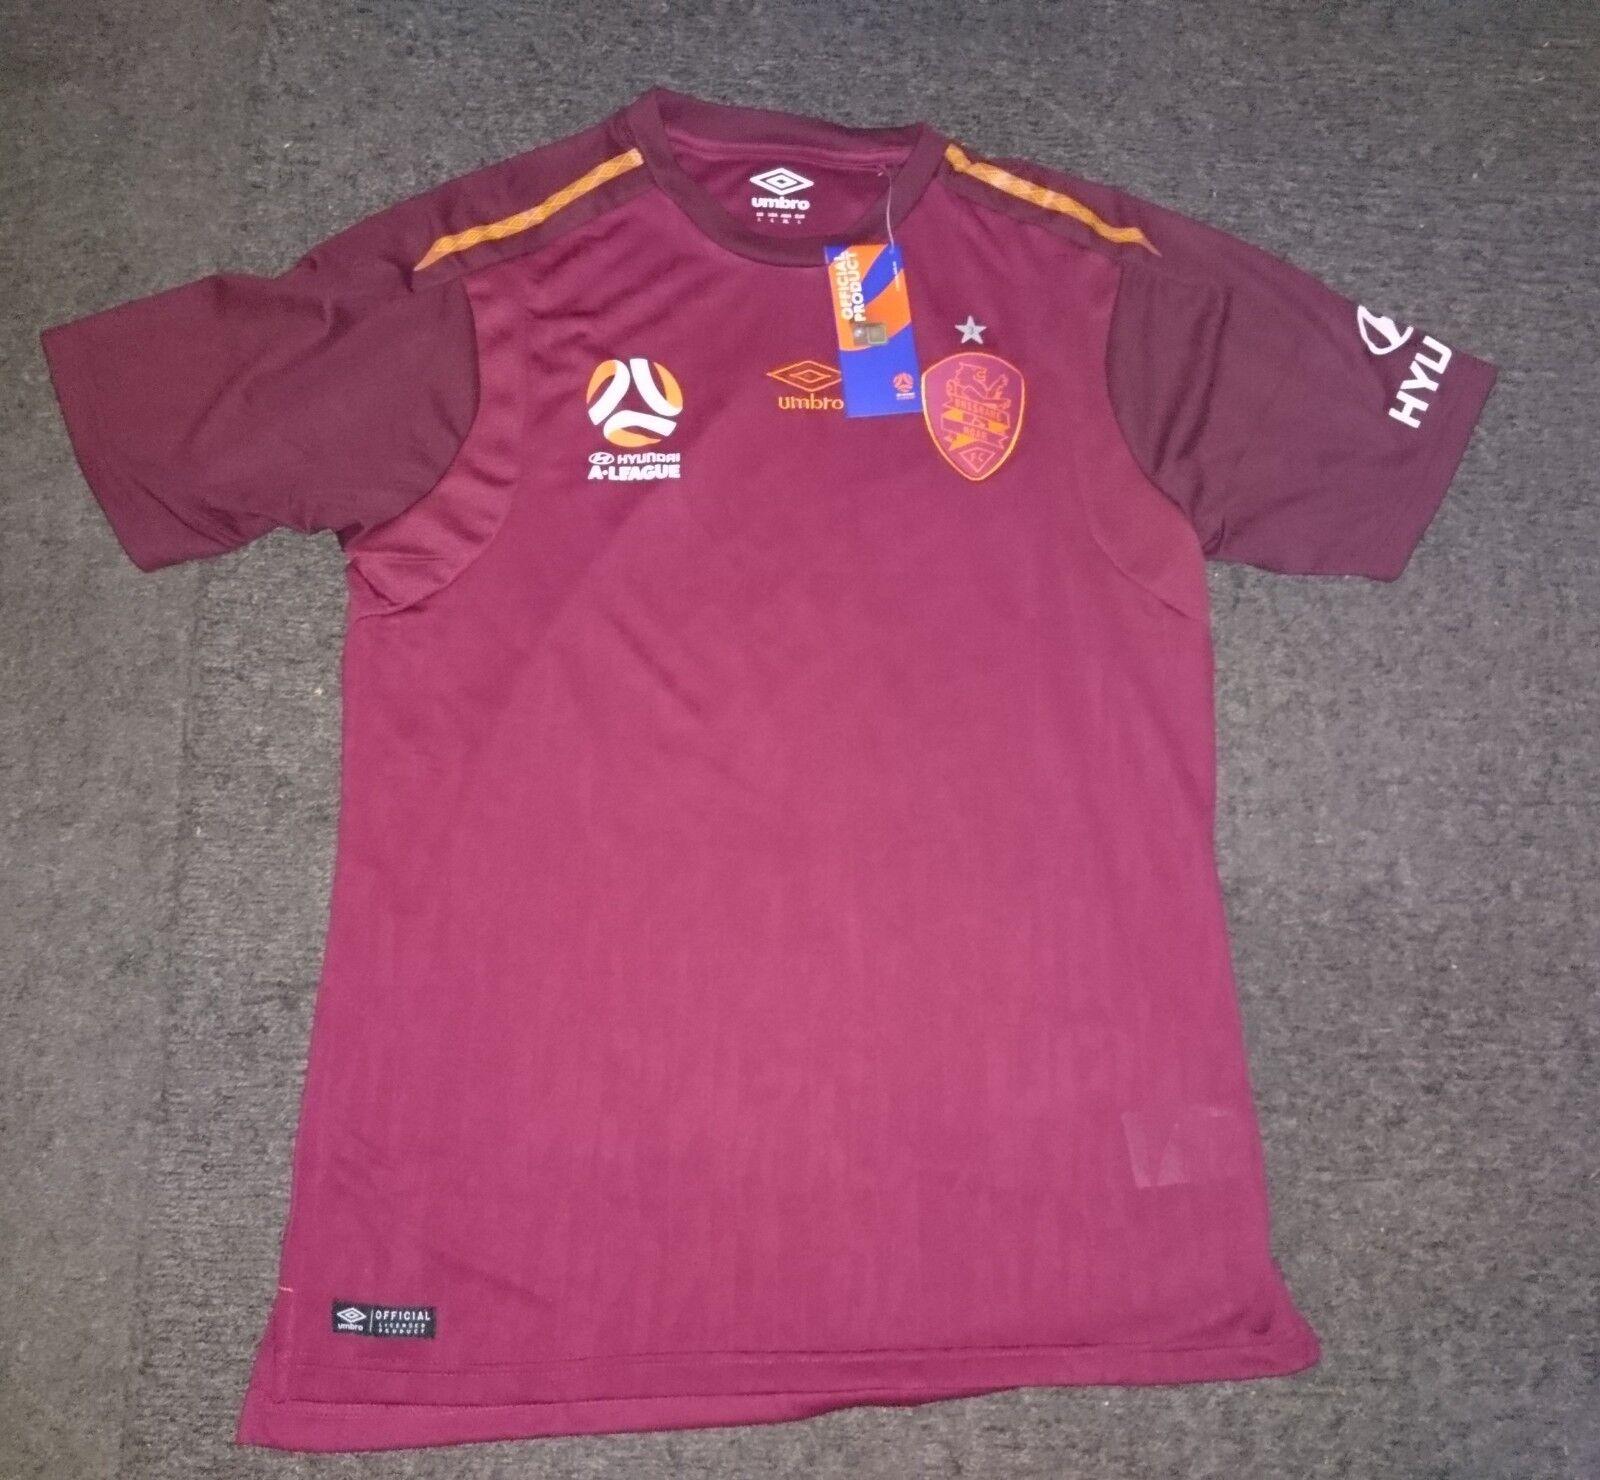 Umbro Brisbane Roar Australien Broich Tom meets Zizou Trikot Shirt Jersey Jersey Shirt XL L 3 f58e8d